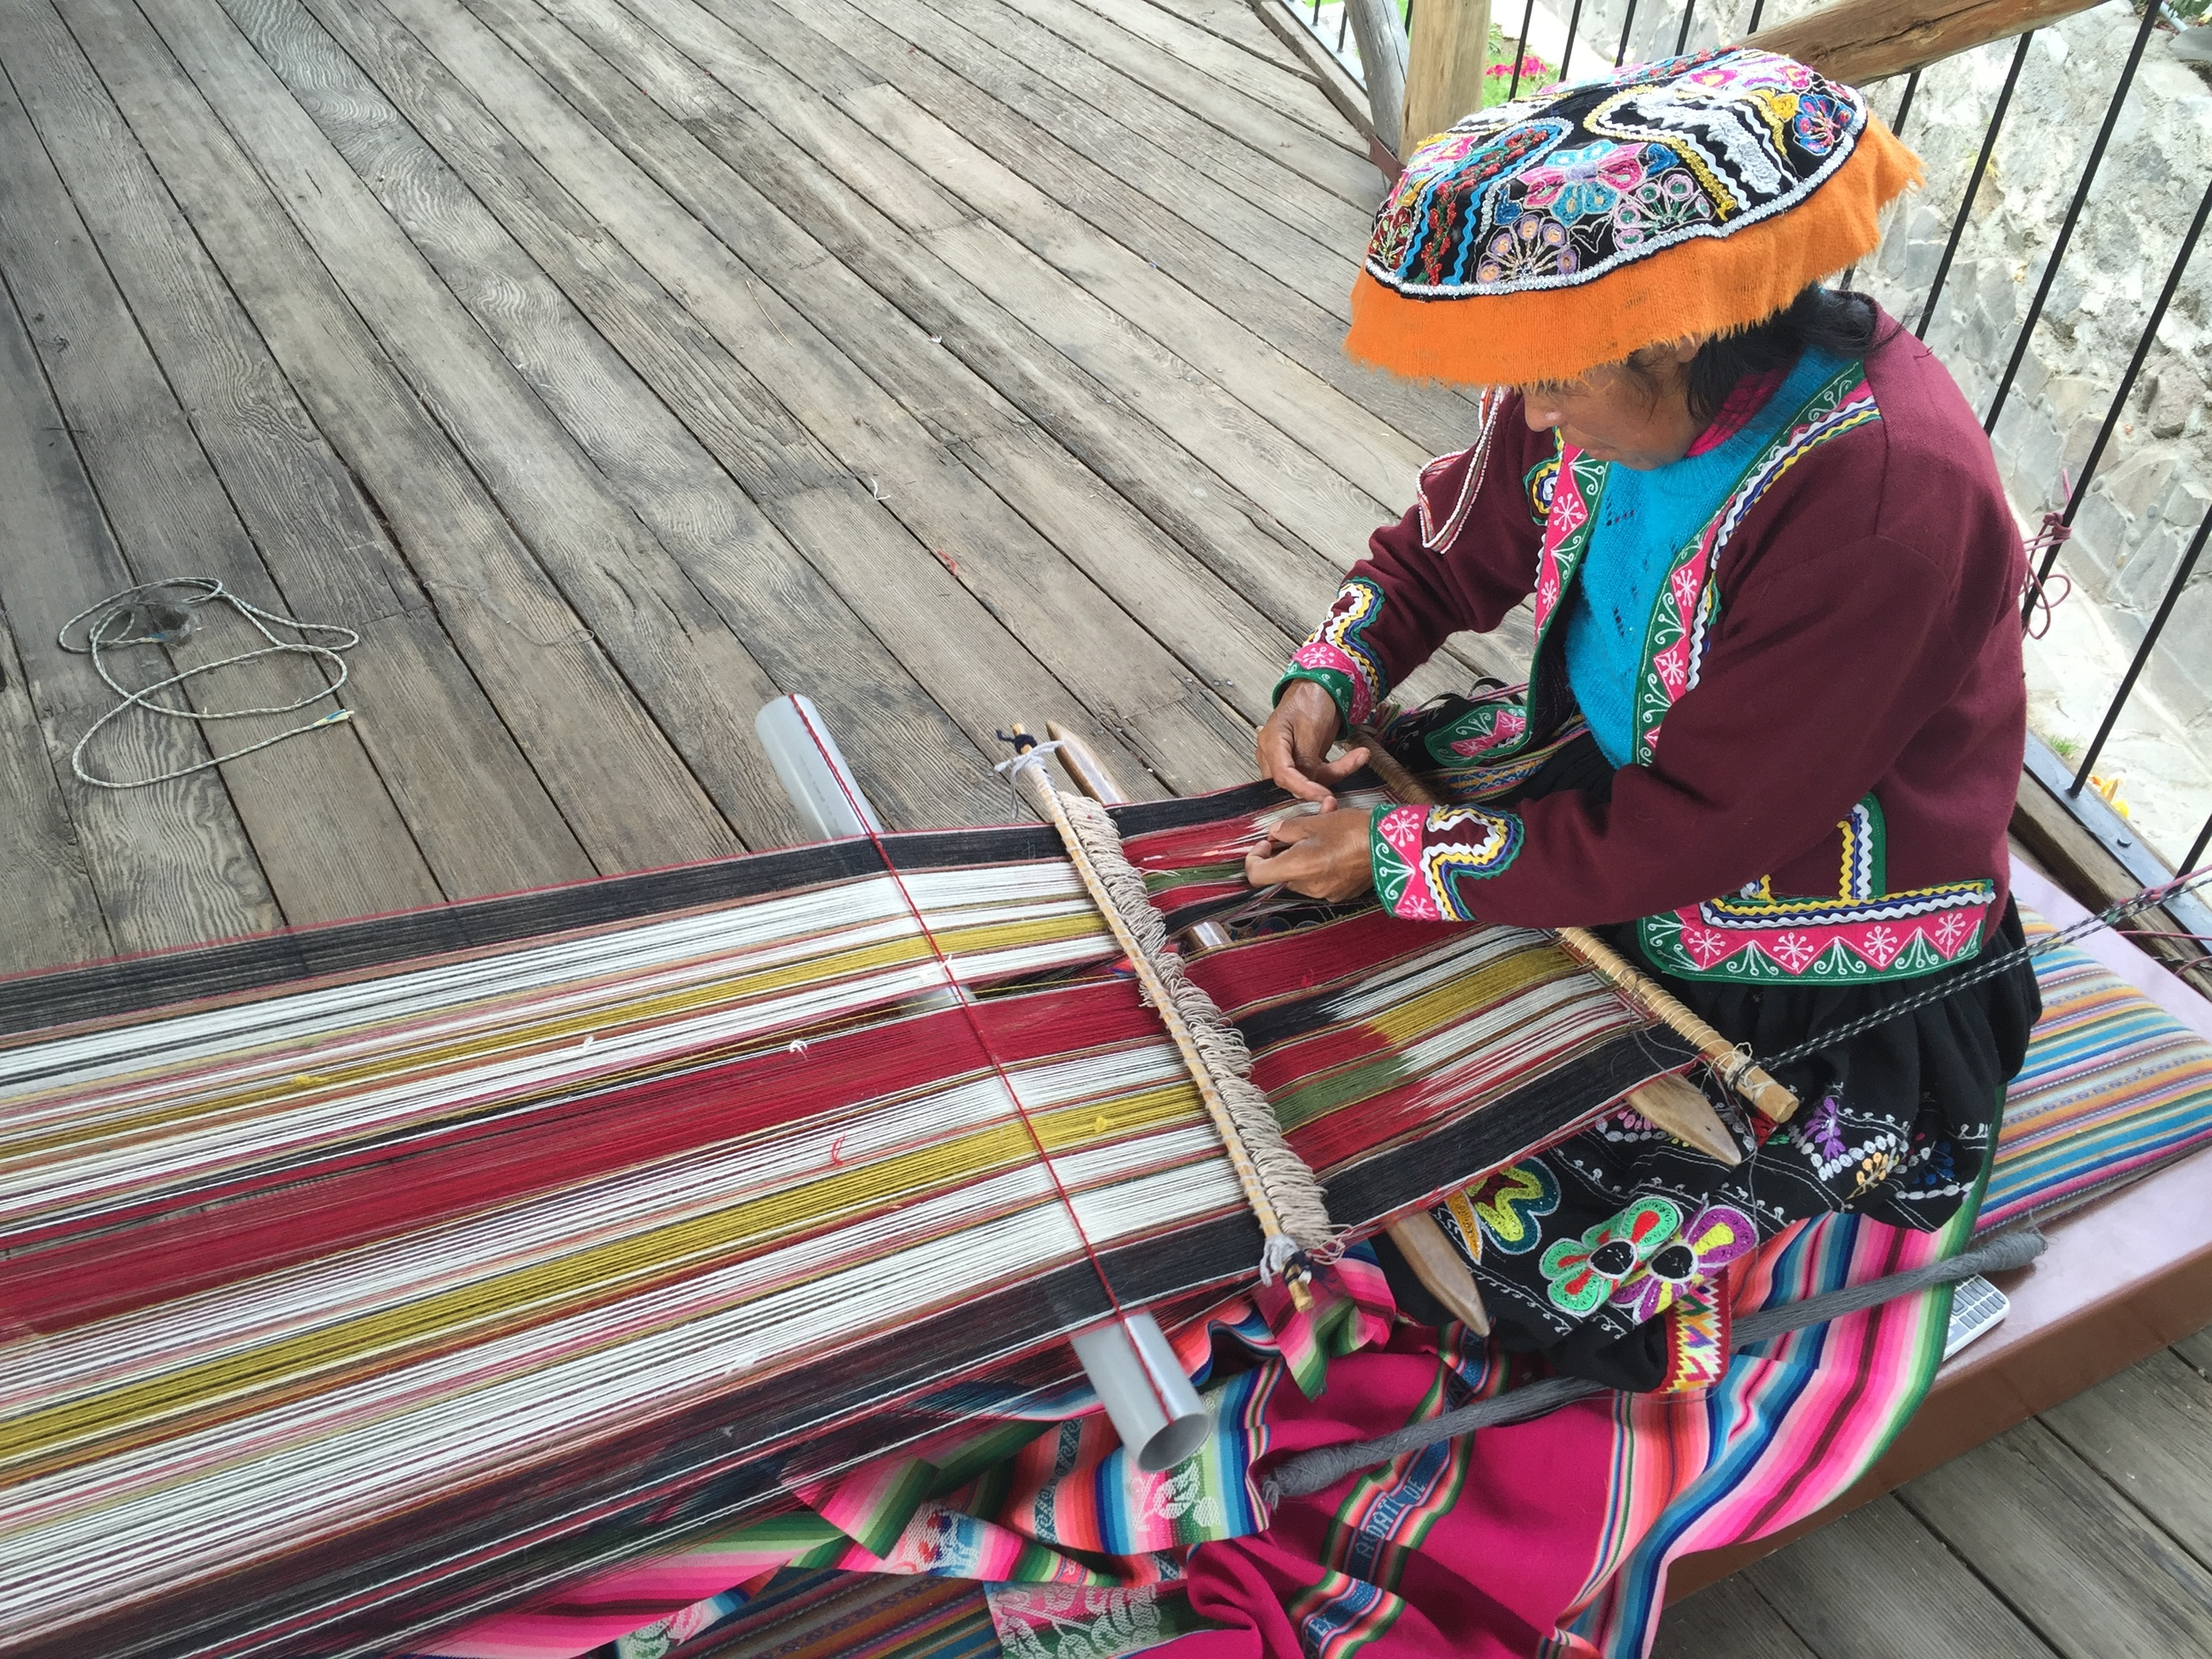 Kvinne som demonstrerer veving hos garnfabrikanten Michell i Arequipa.